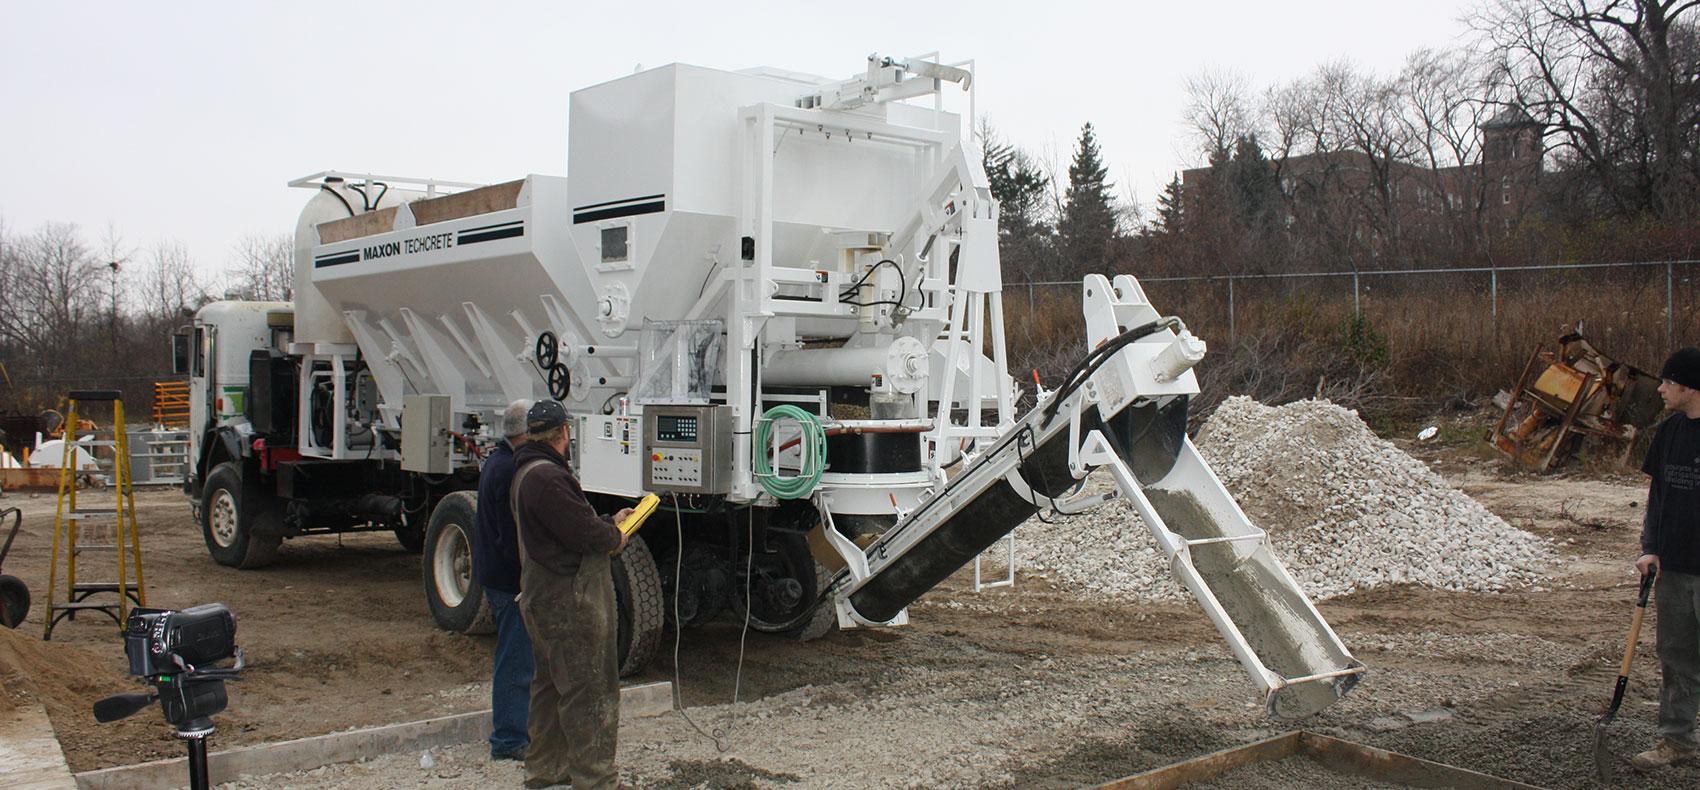 Mobile Concrete Mixing - Concrete Placement | Maxon